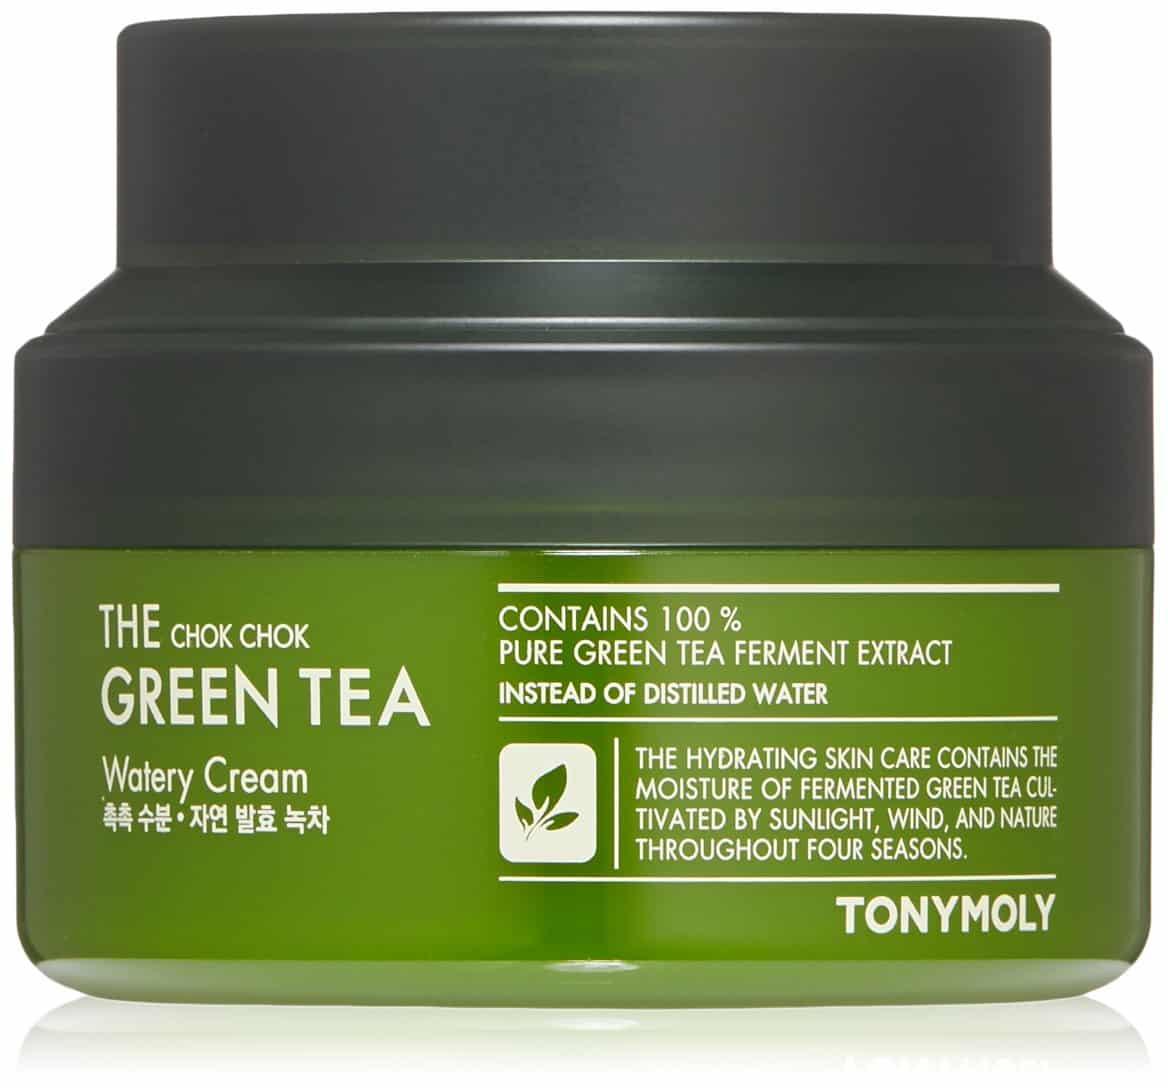 TONYMOLY The Chok Chok Green Tea Watery Cream - tony moly green tea cream